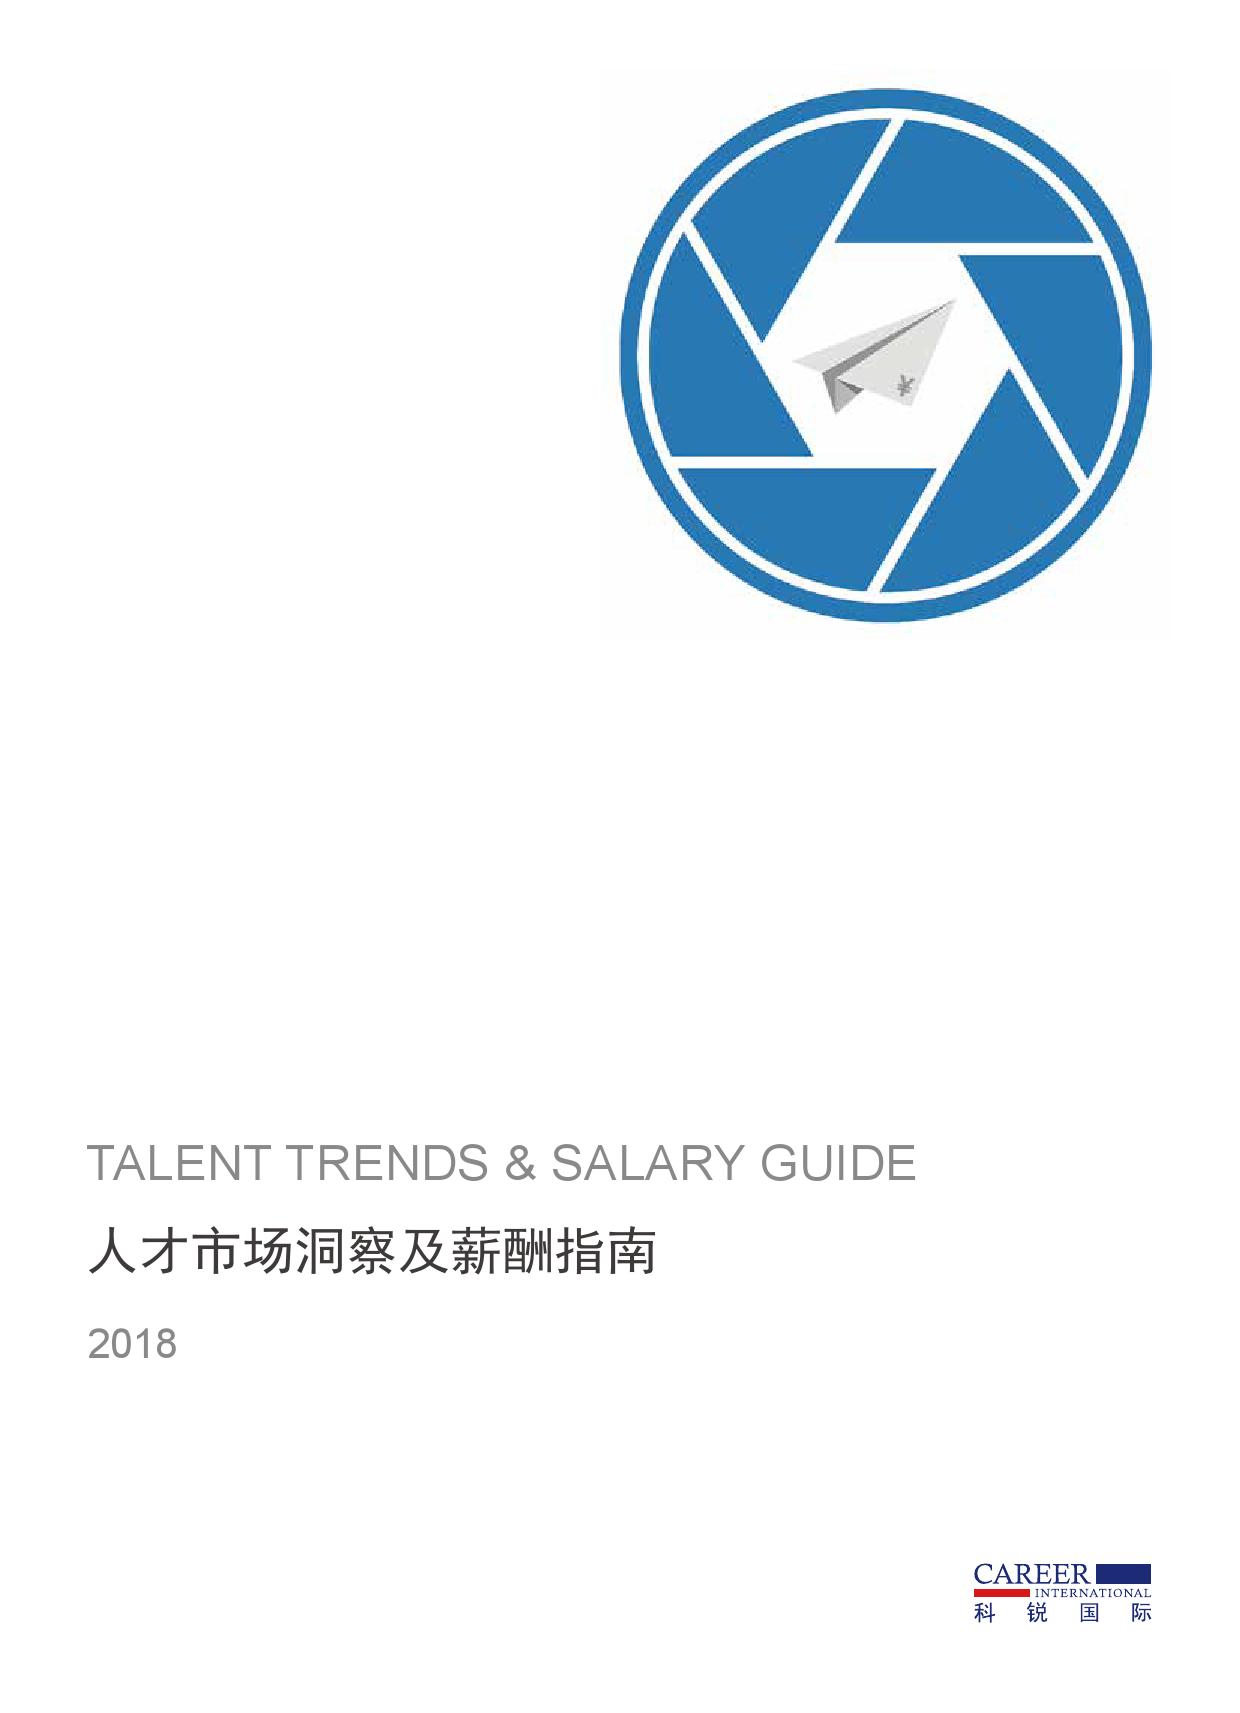 科锐国际:2018人才市场洞察及薪酬指南(附下载)